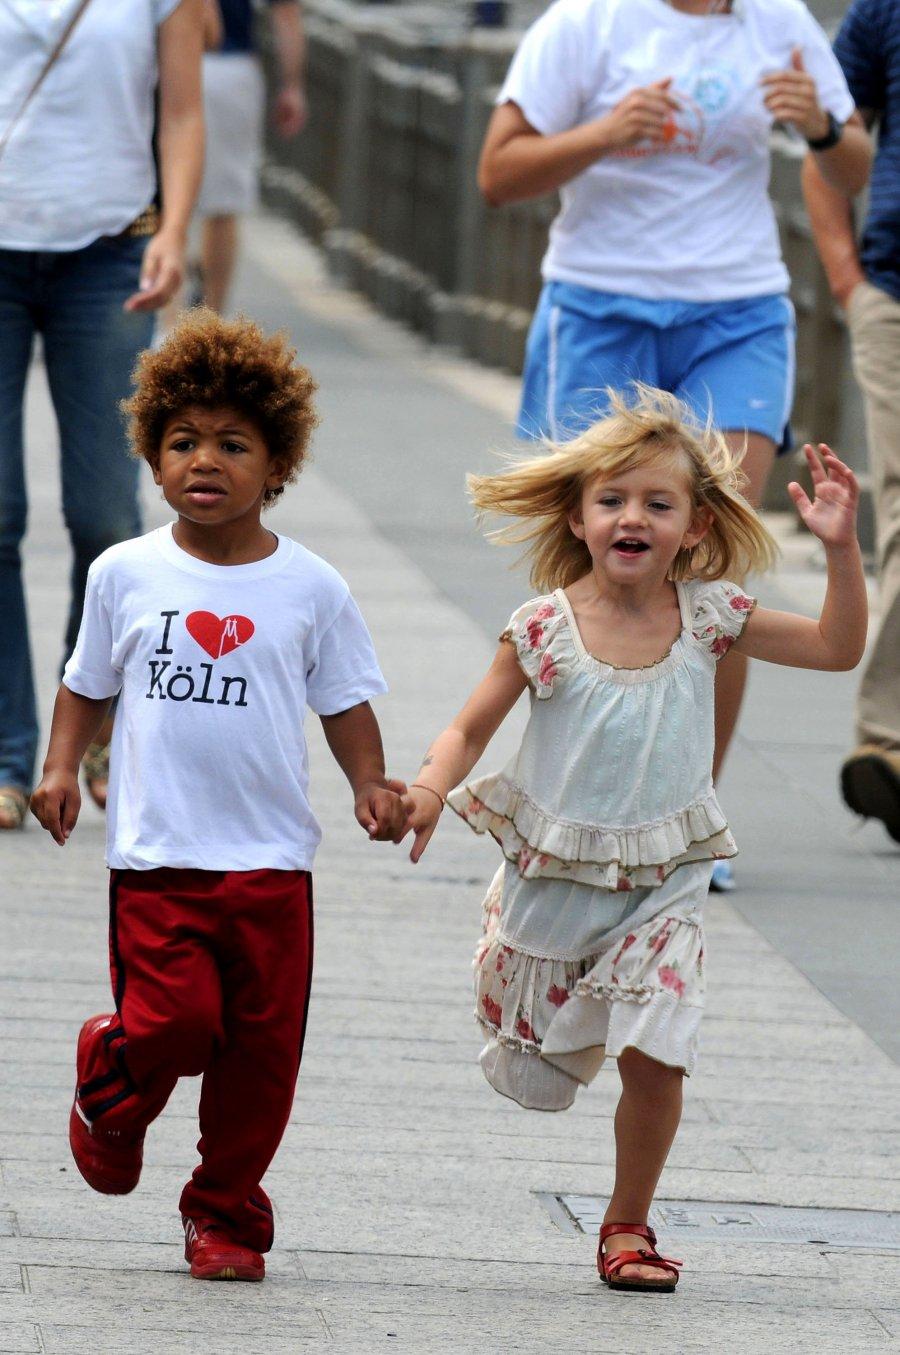 HEIDI KLUM AND KIDS:FUN IN A PARK